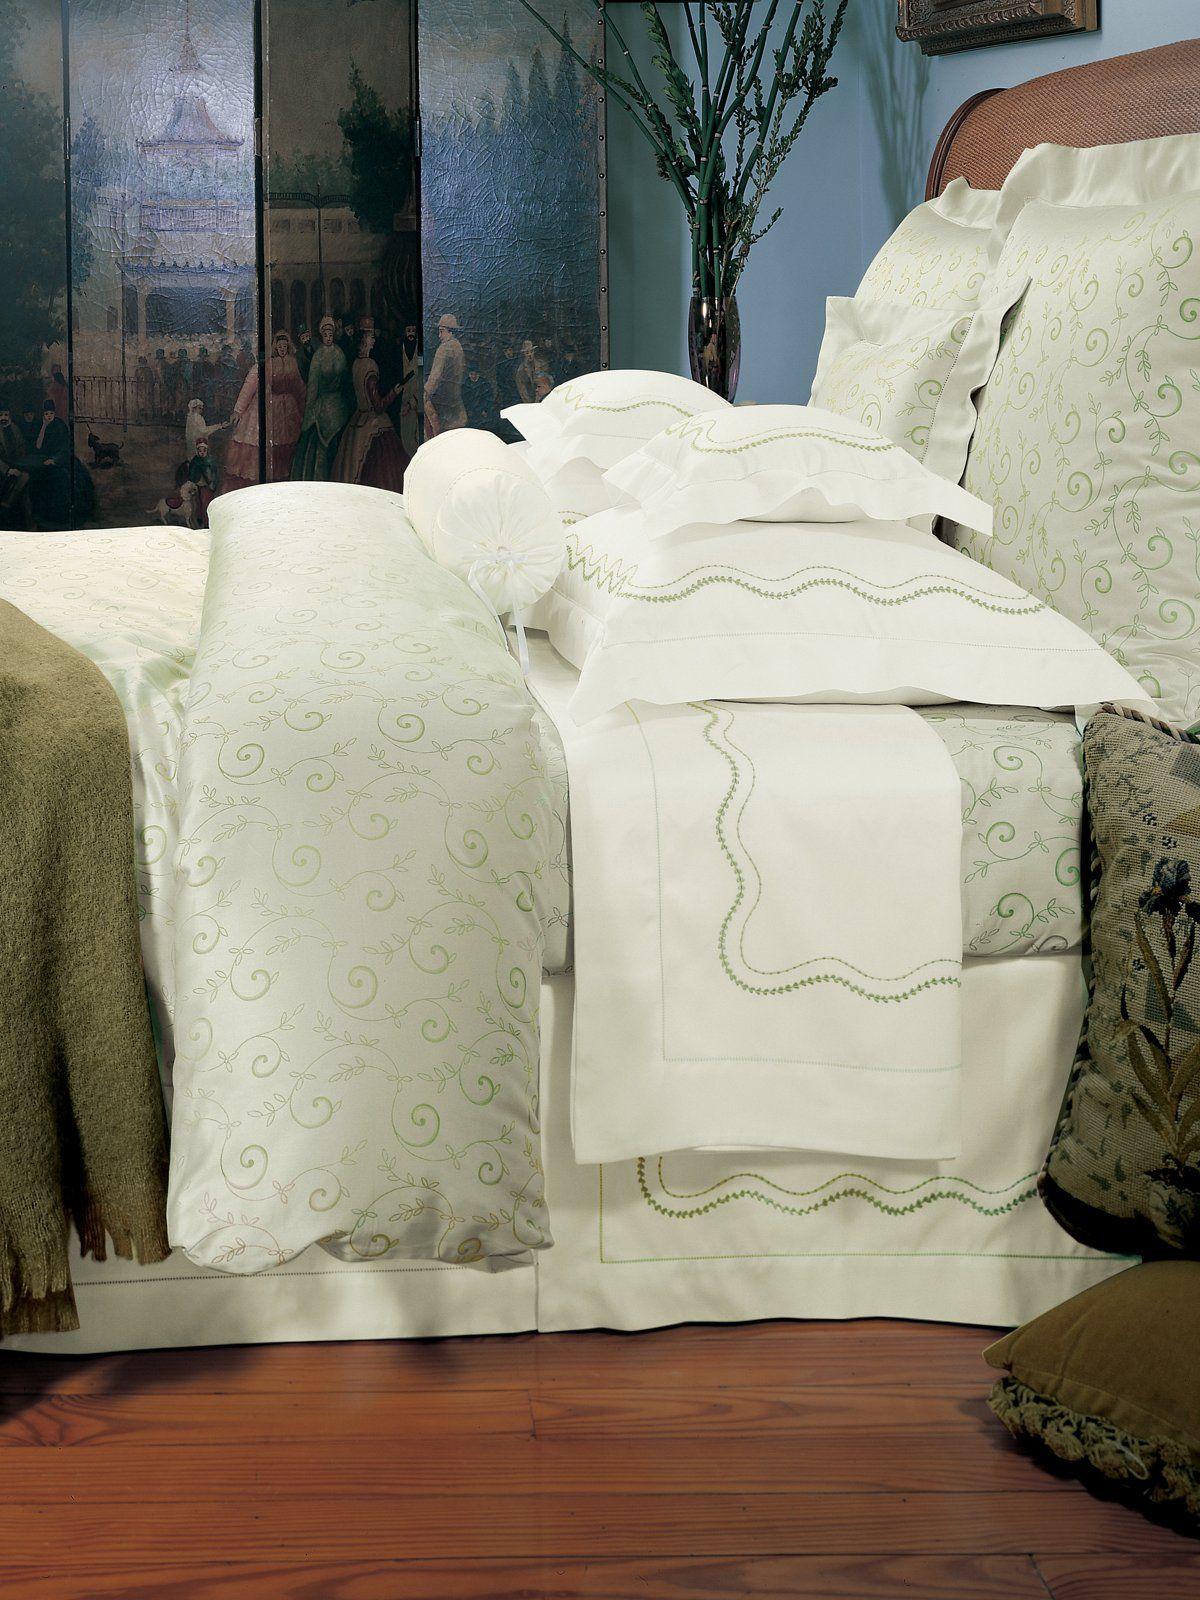 Bali Luxury Bedding Italian Bed Linens Schweitzer